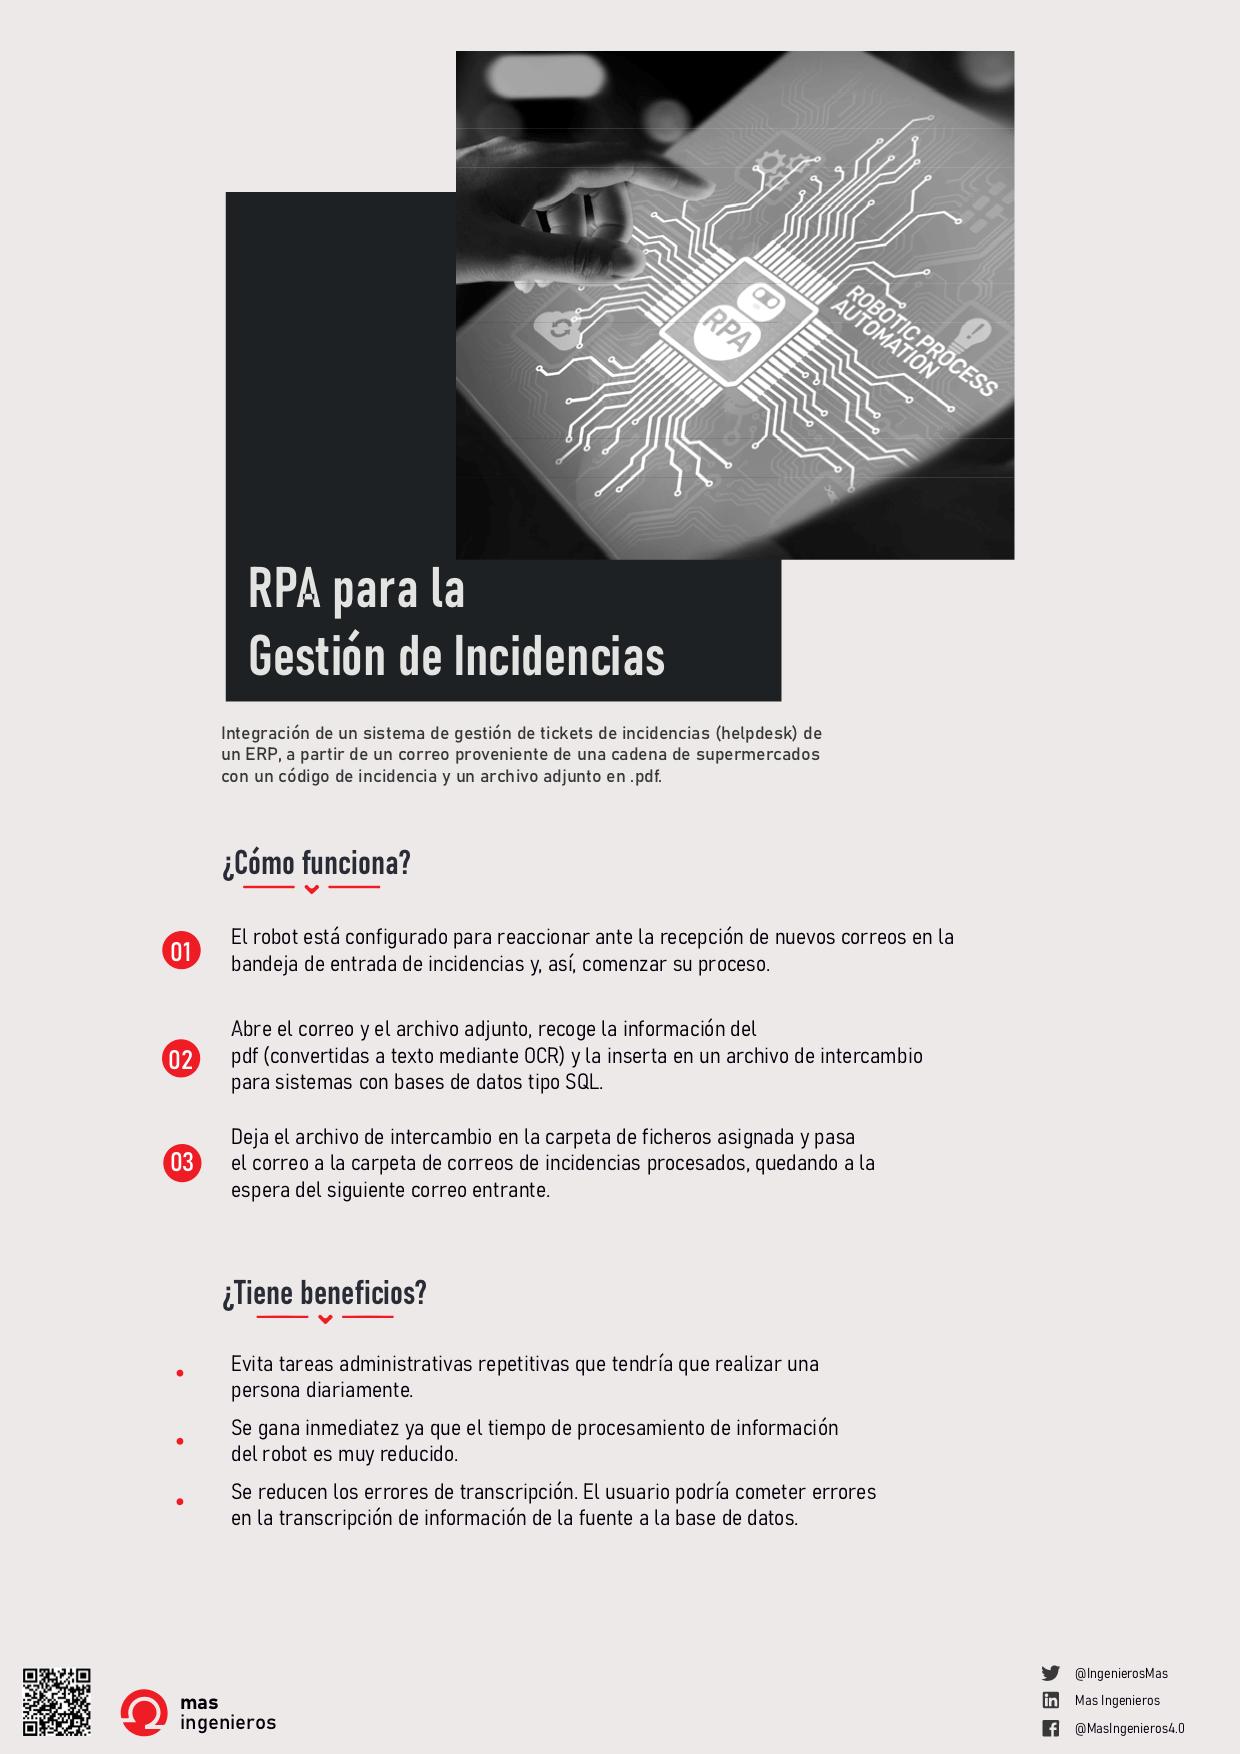 RPA para la gestión de incidencias